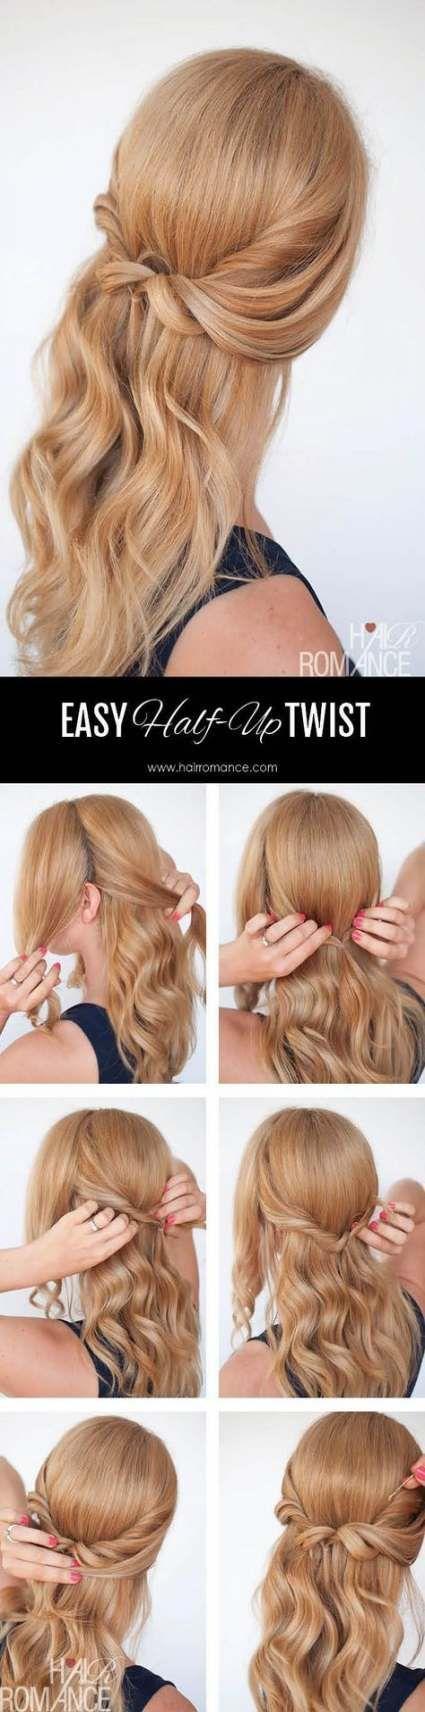 Hair tutorial diy twists 40 ideas for 2019